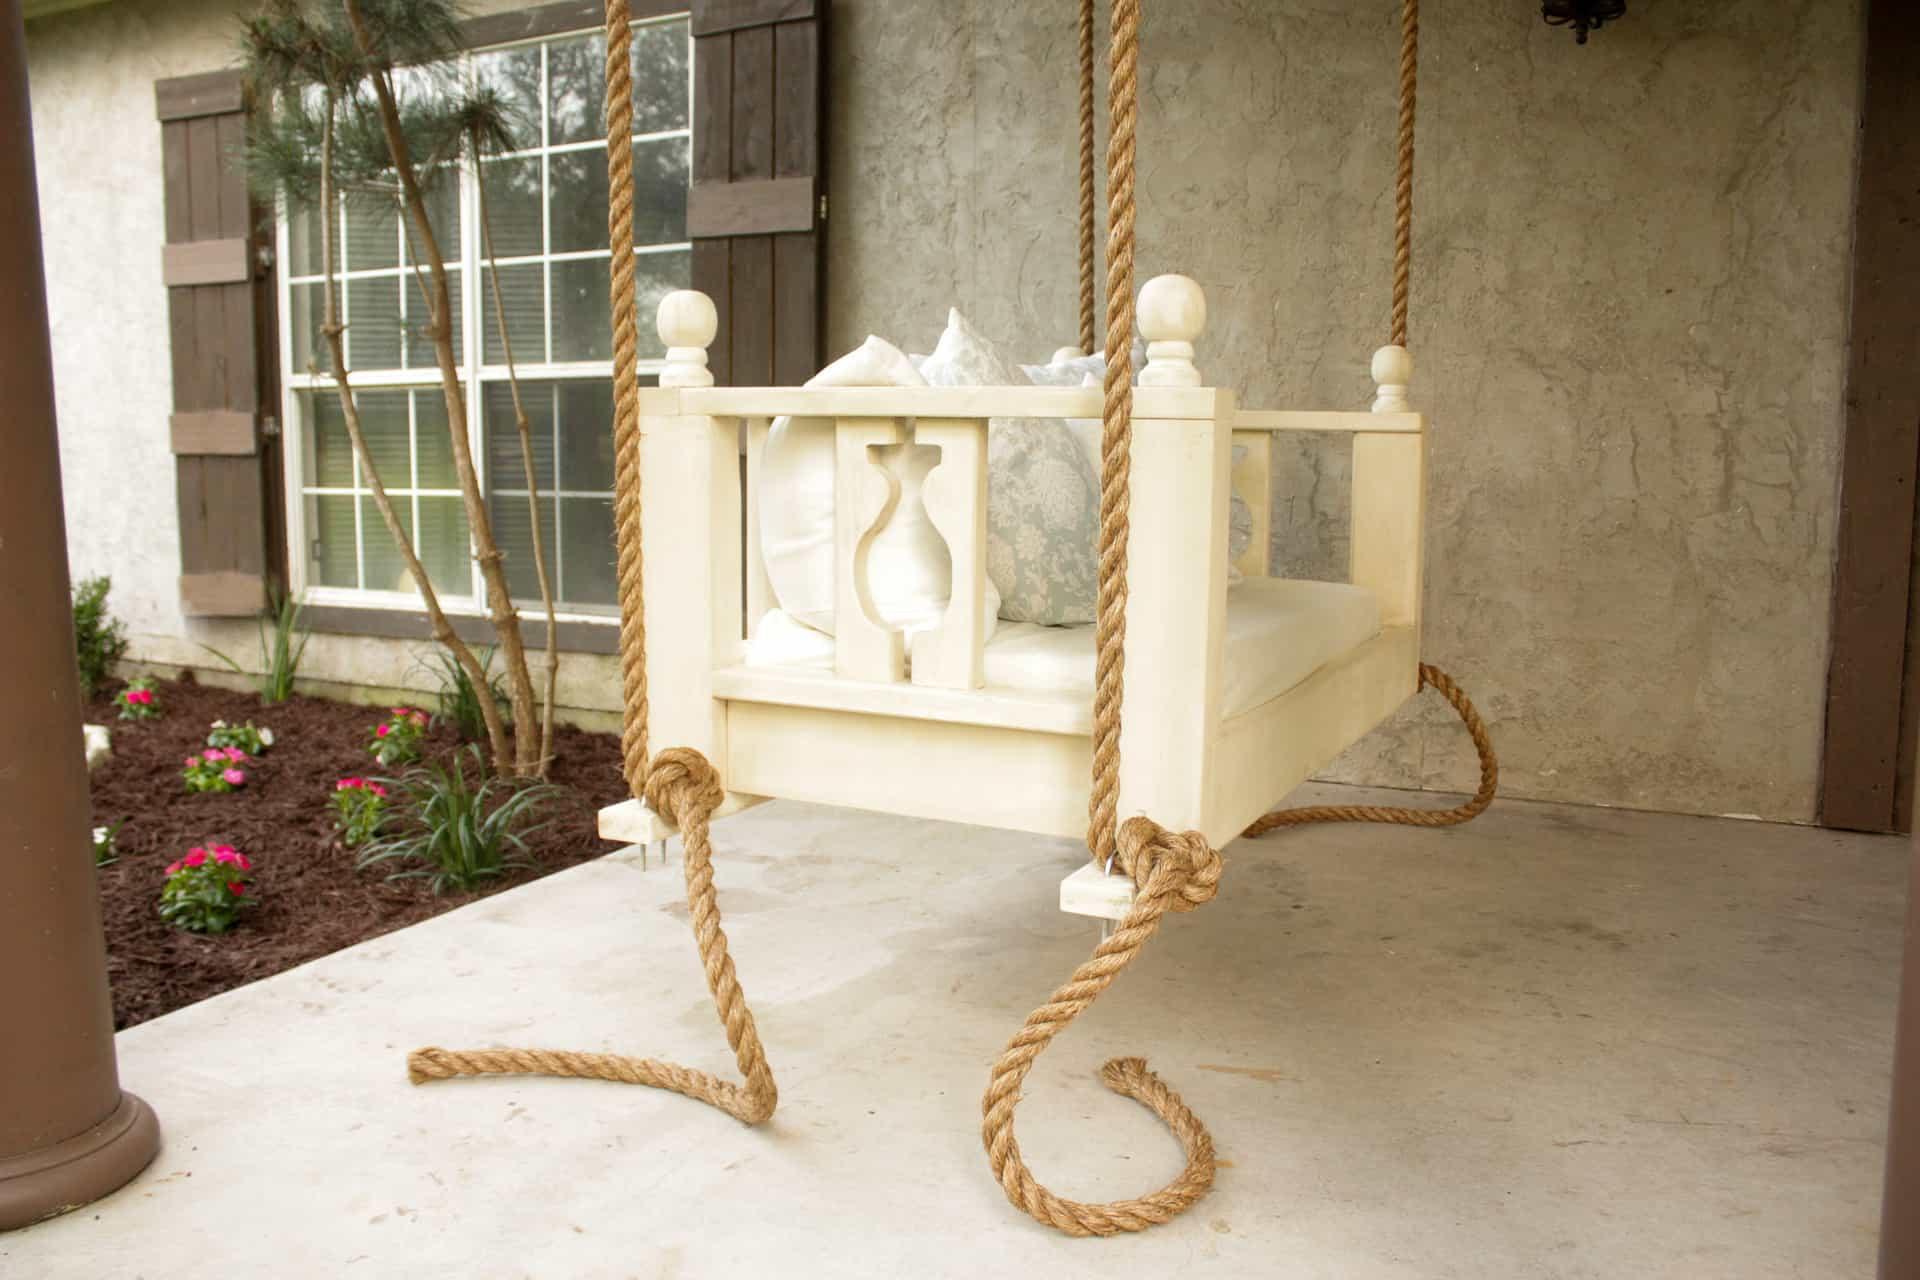 Diy Porch Bed Swing